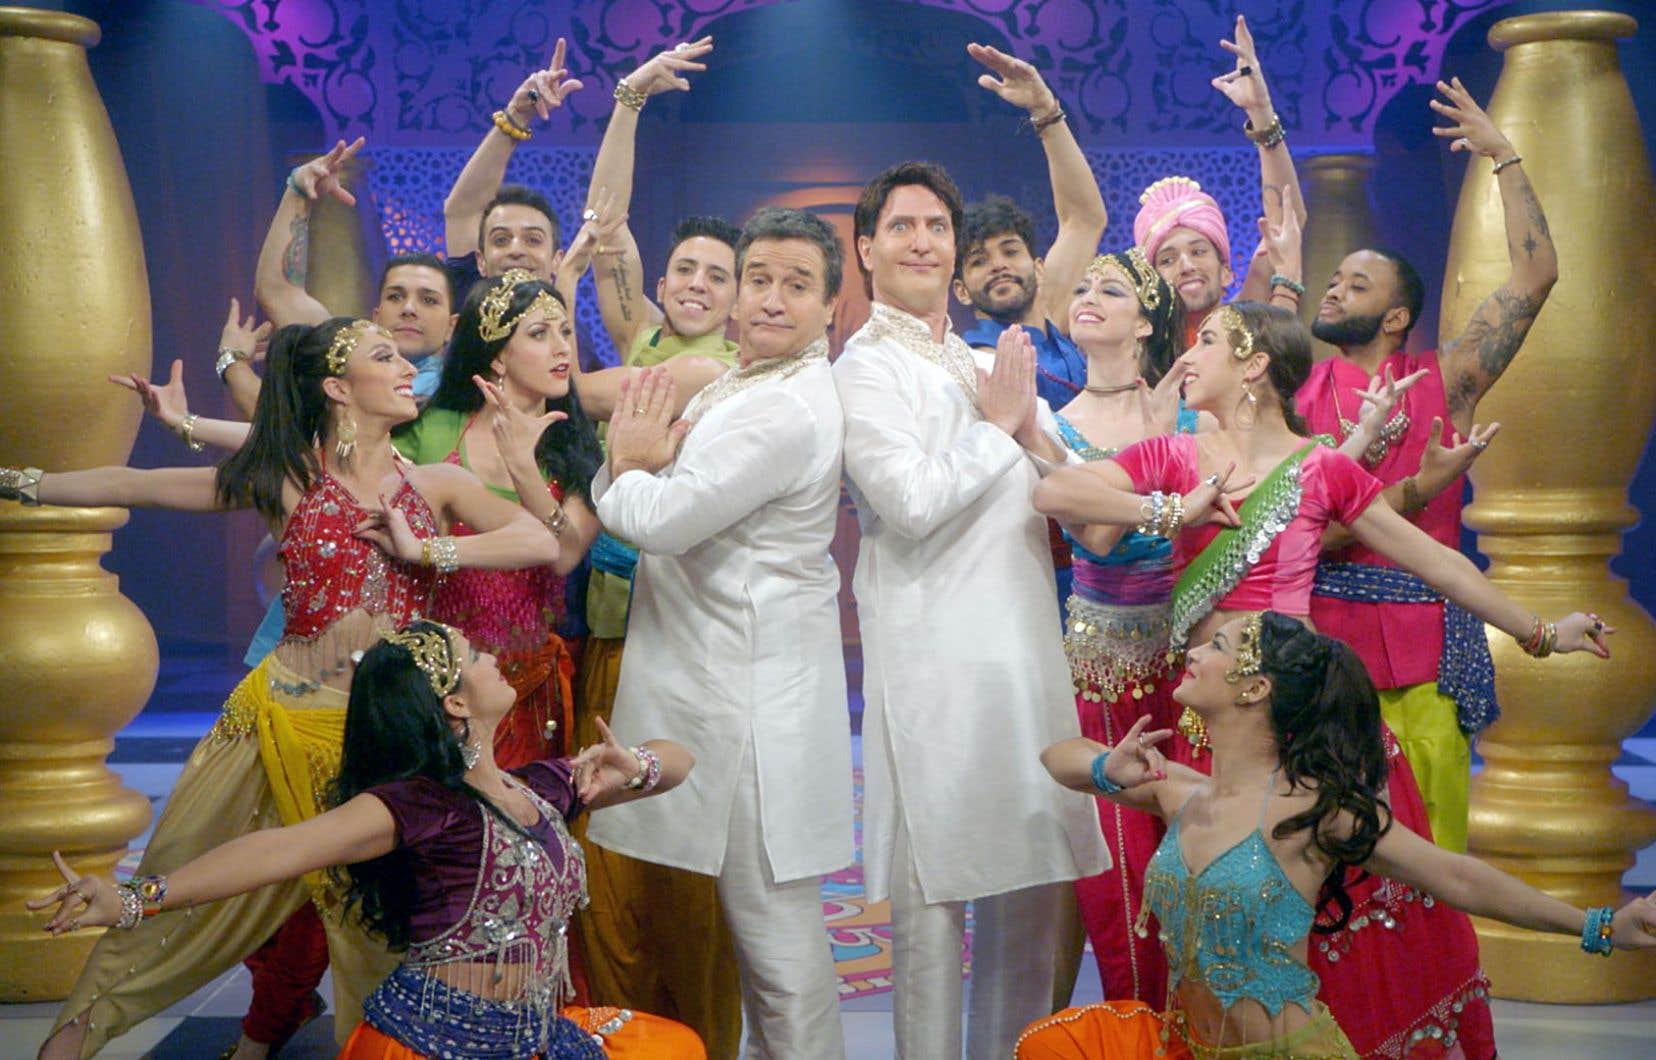 La publicité de la SQDC en rupture de stock aura arraché en quelques secondes plus de rires que chacune des longues minutes de ce pénible numéro chanté bombardant Justin Trudeau en star de Bollywood.